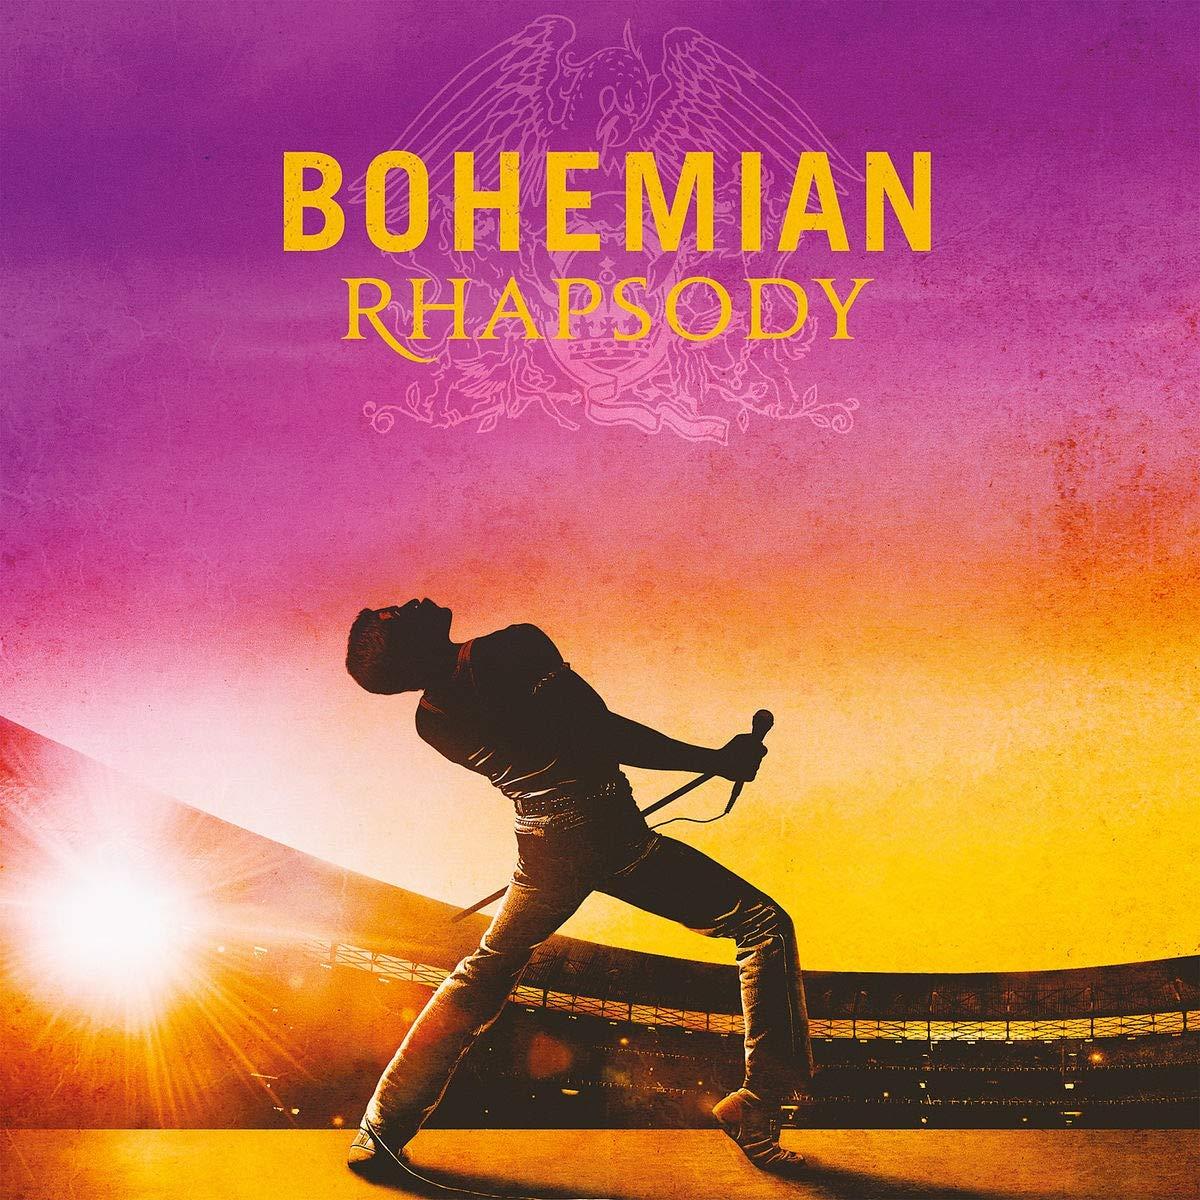 Queen Queen. Bohemian Rhapsody (2 LP) queen queen studio collection 18 lp box